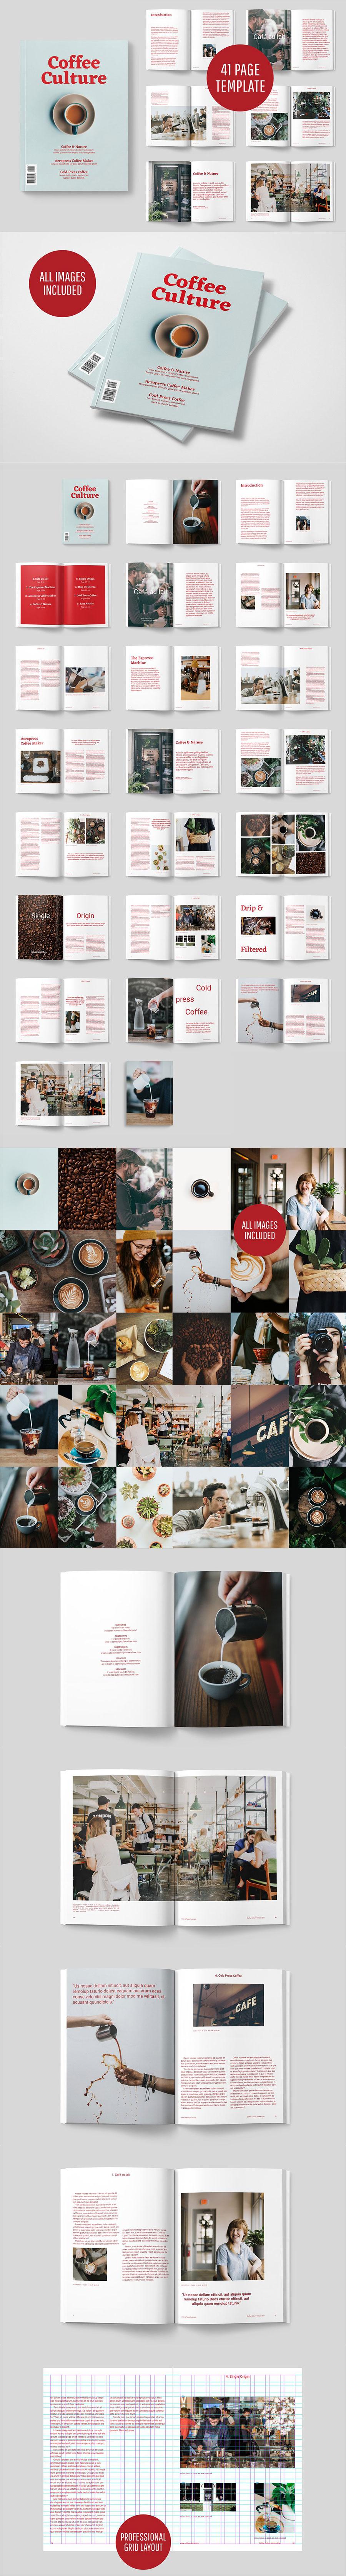 讲述咖啡历史的文艺杂志&画册模版[indd]设计素材模板